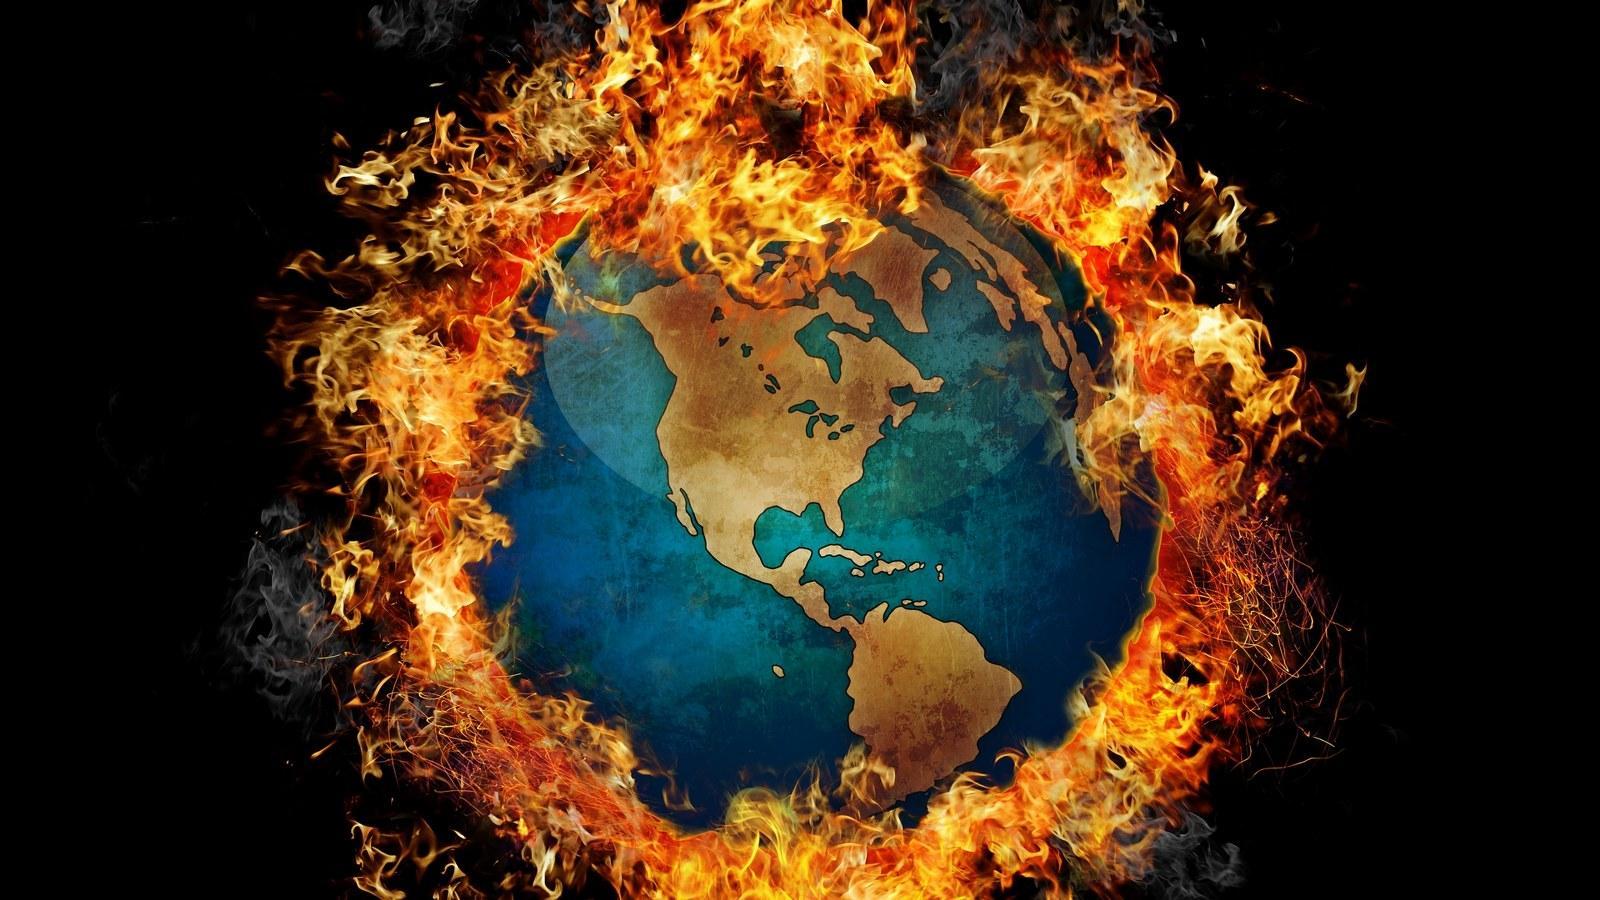 """Entenda como cientistas pretendem """"enfraquecer"""" o Sol devido ao aquecimento global"""